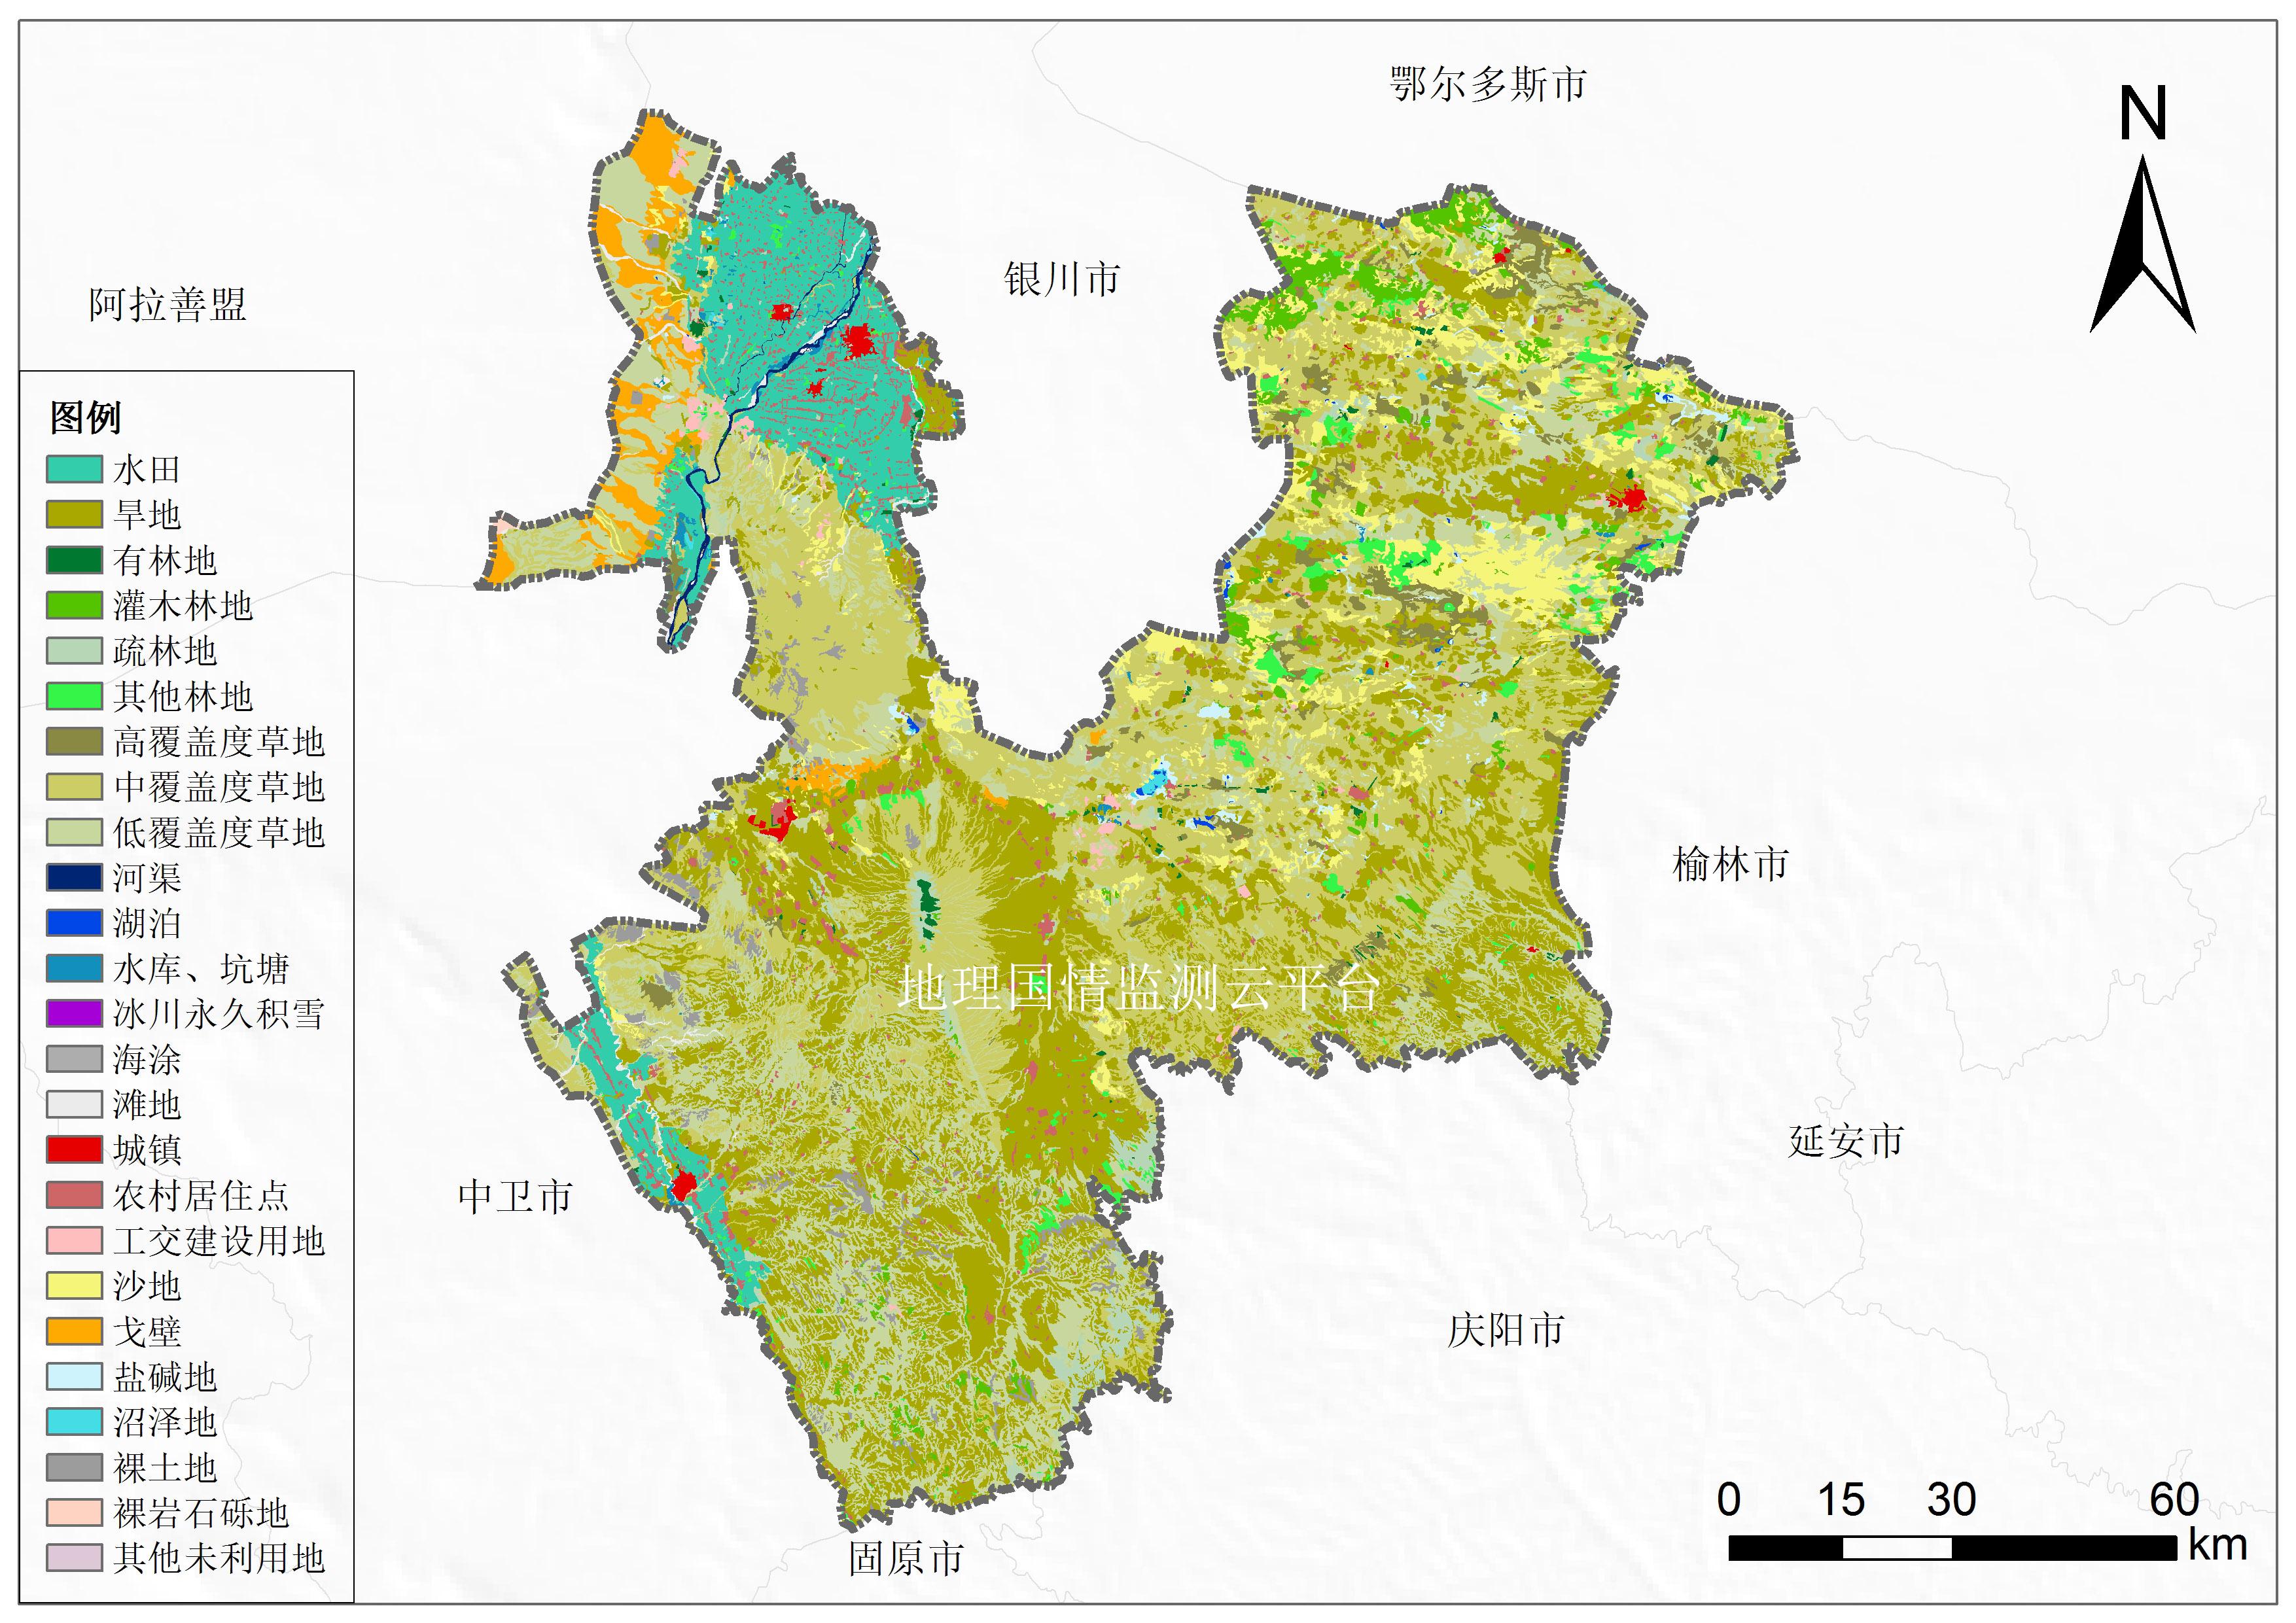 分享宁夏回族自治区2000年,2010年土地利用图